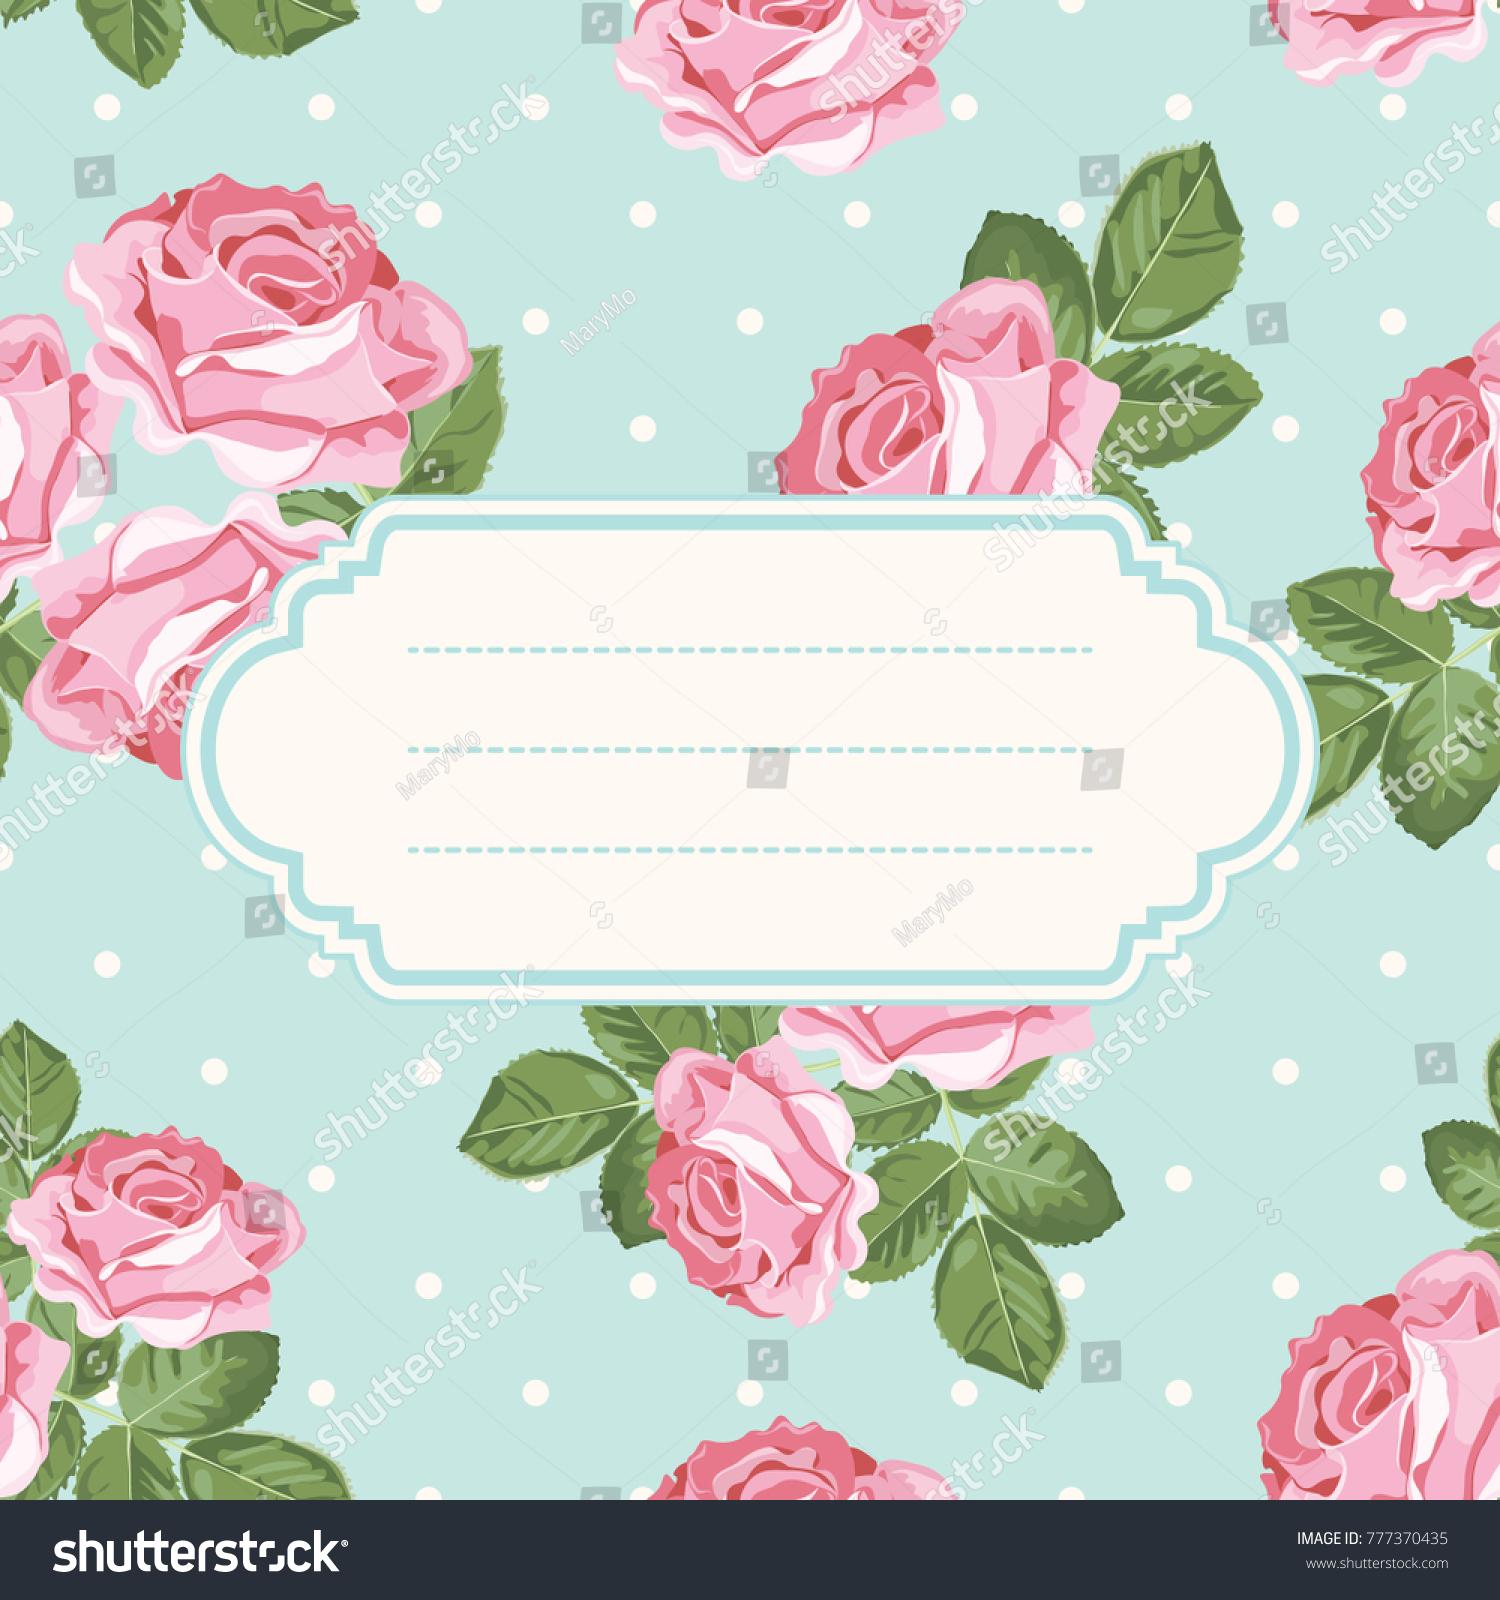 Shabby Chic Rose Polka Dot Light Stock Vector 777370435 - Shutterstock